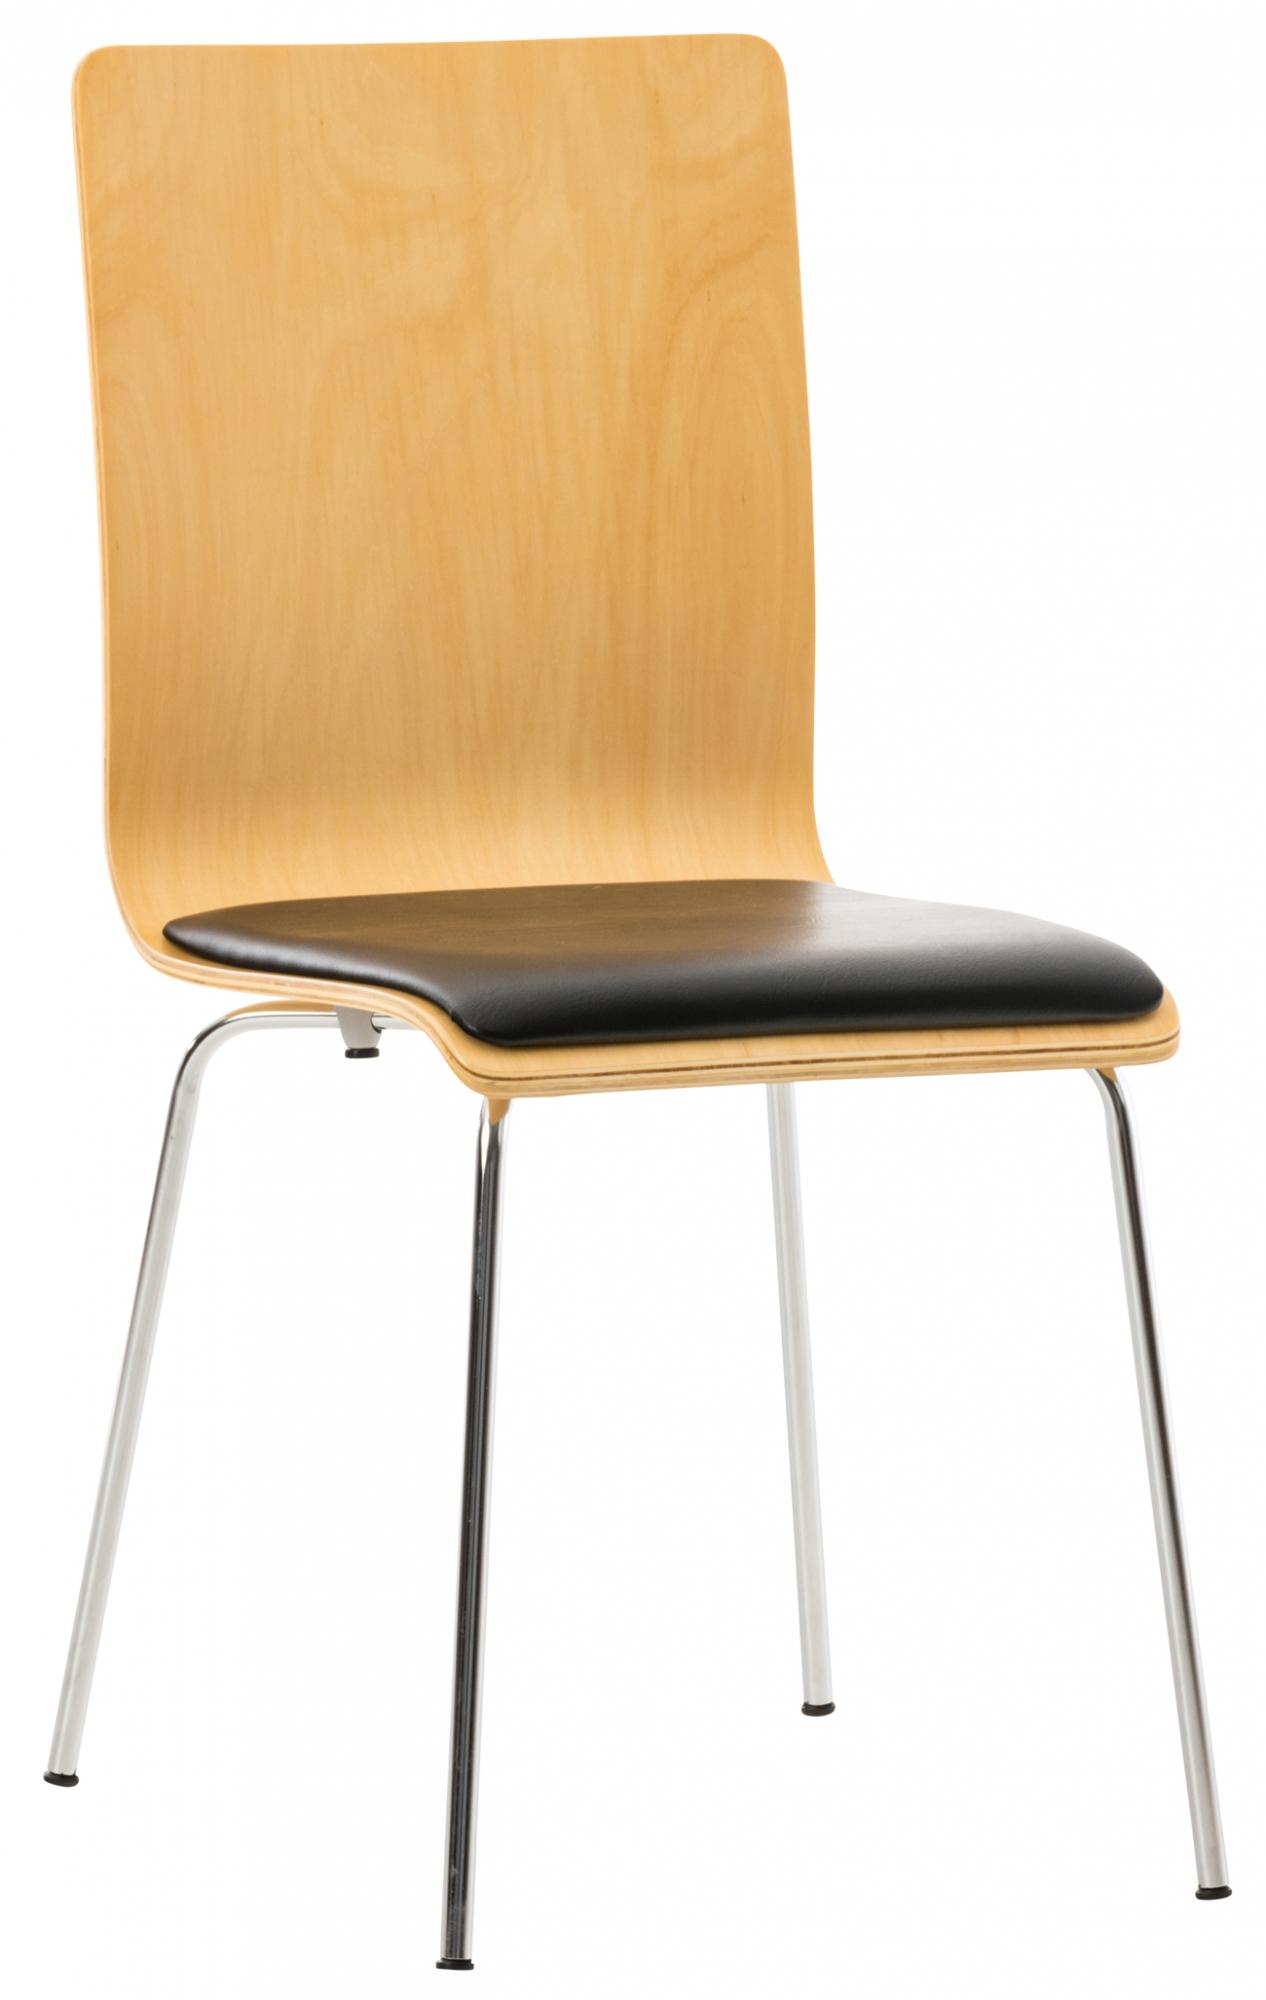 Překližková jídelní židle Pepino, buk/černá